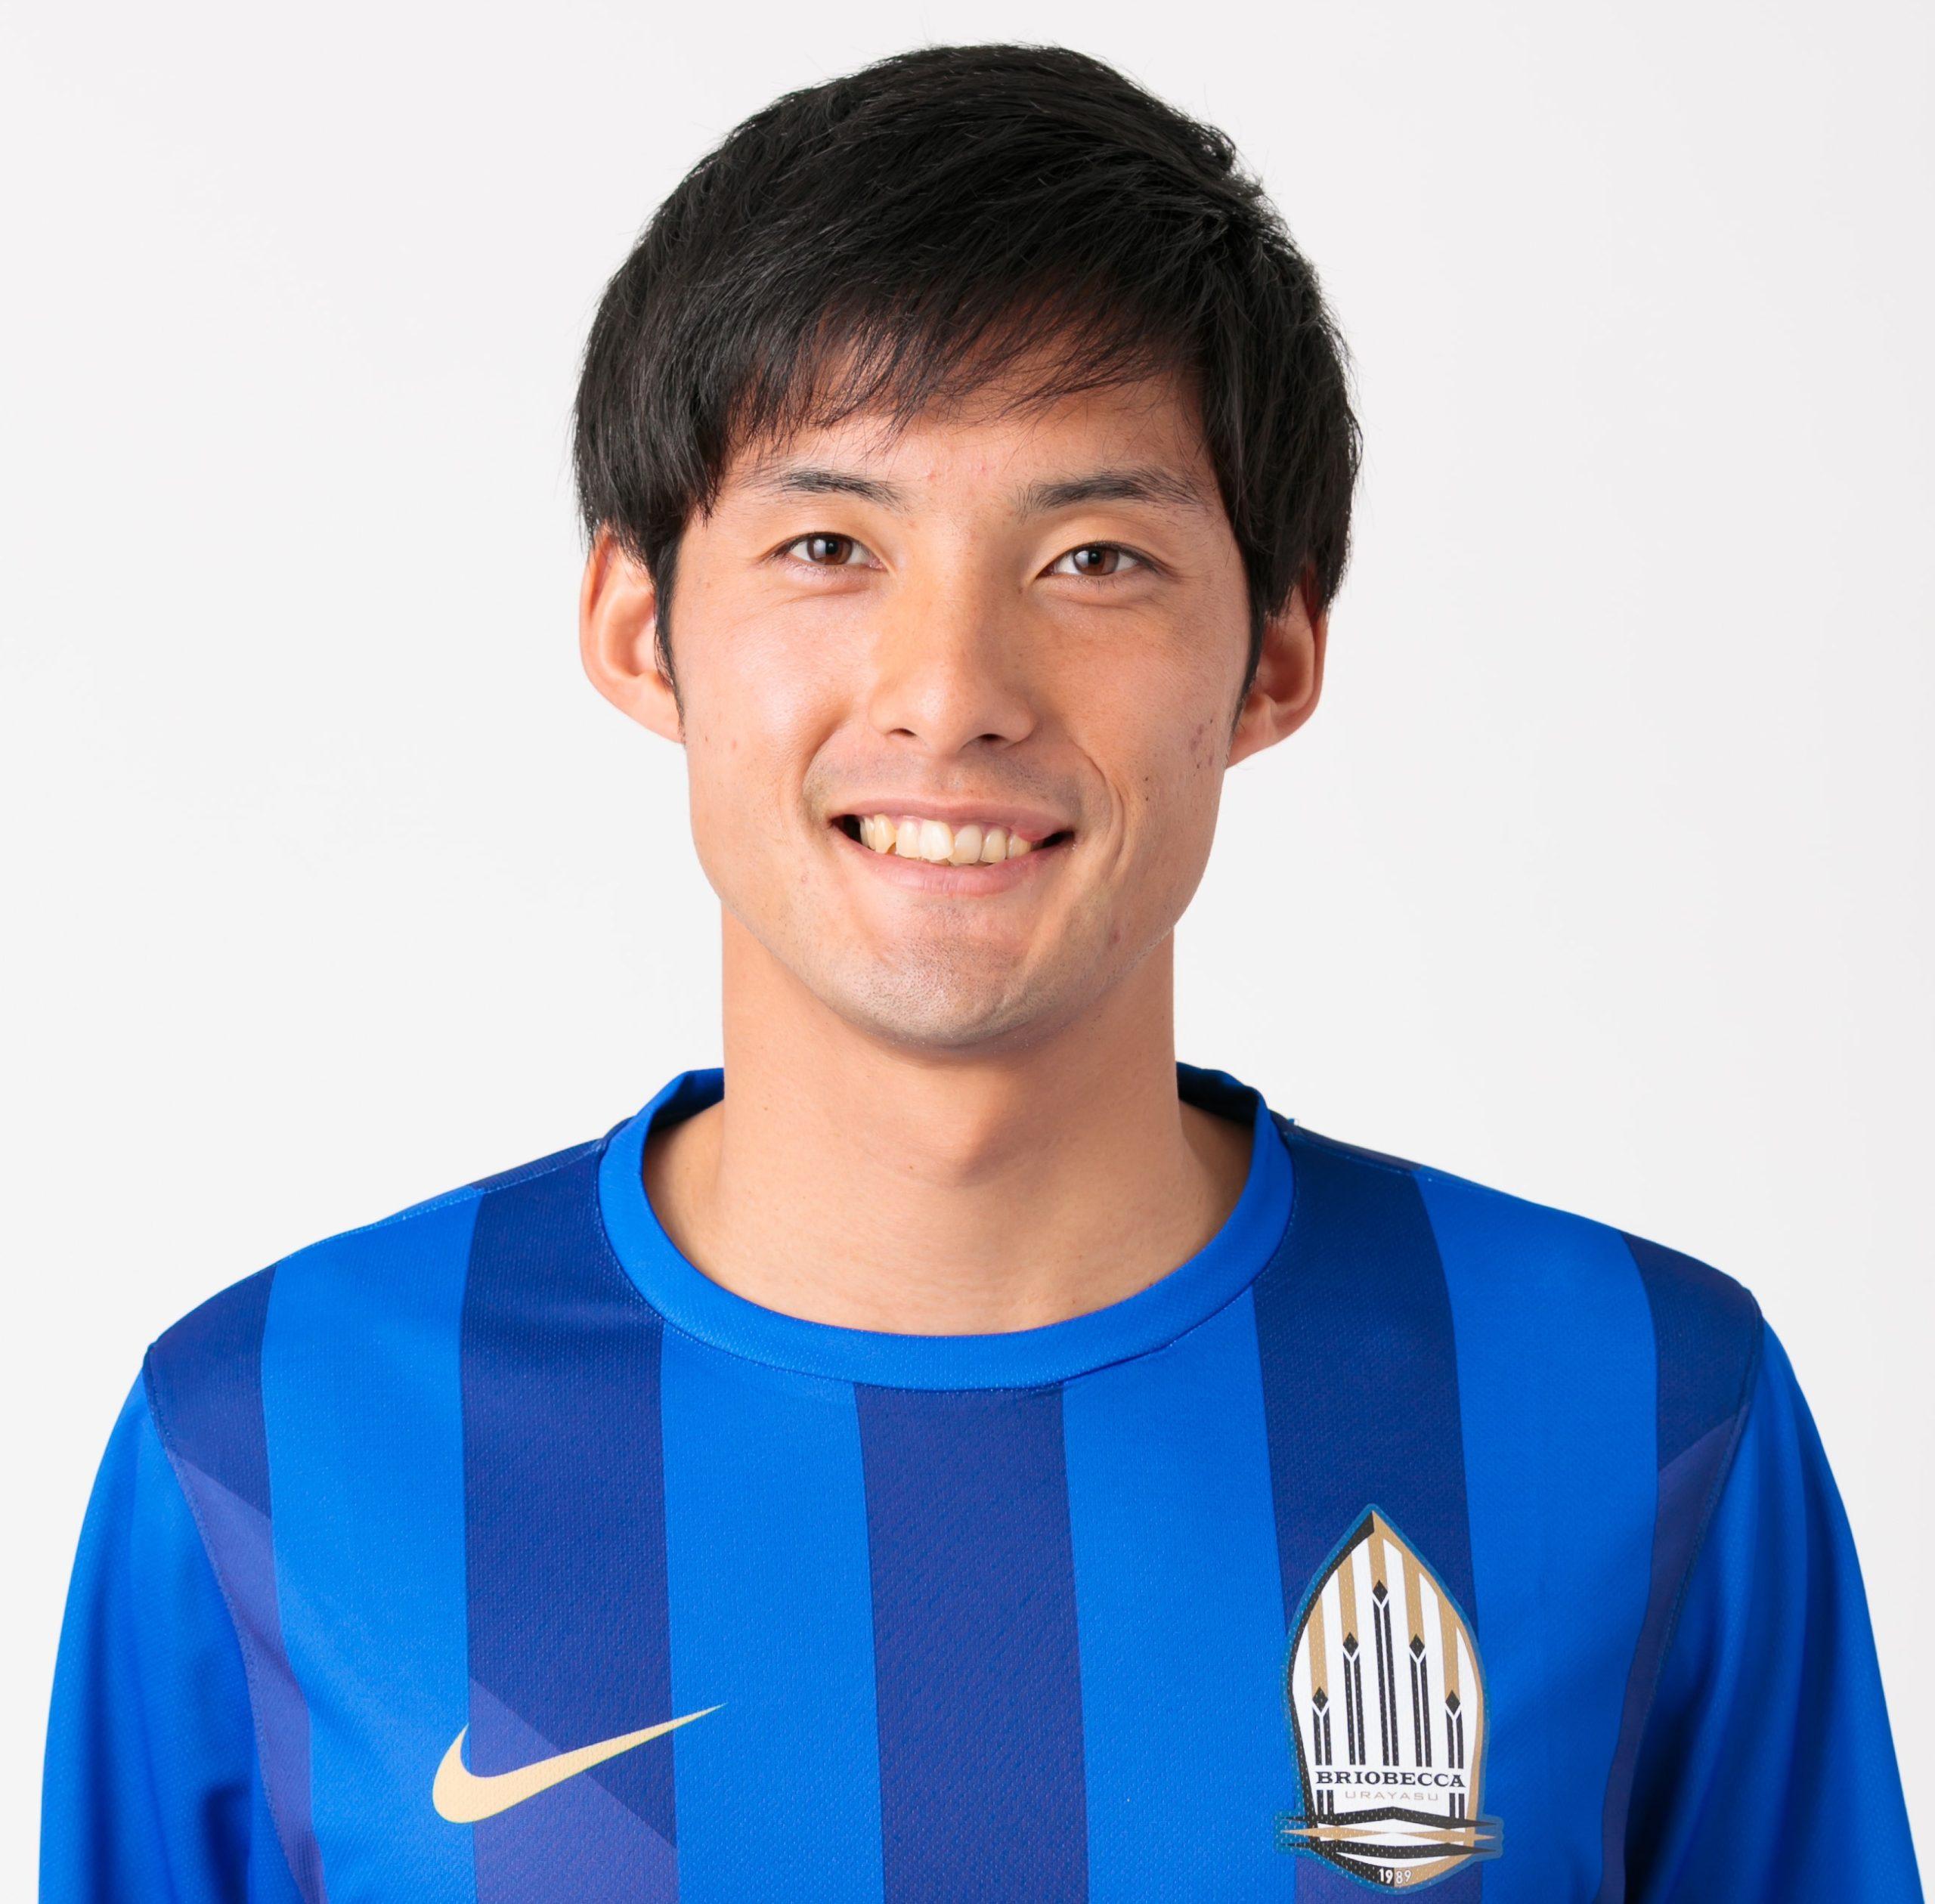 【トップ】冷岡幸輝選手 ジョイフル本田つくばFCへ完全移籍のお知らせ